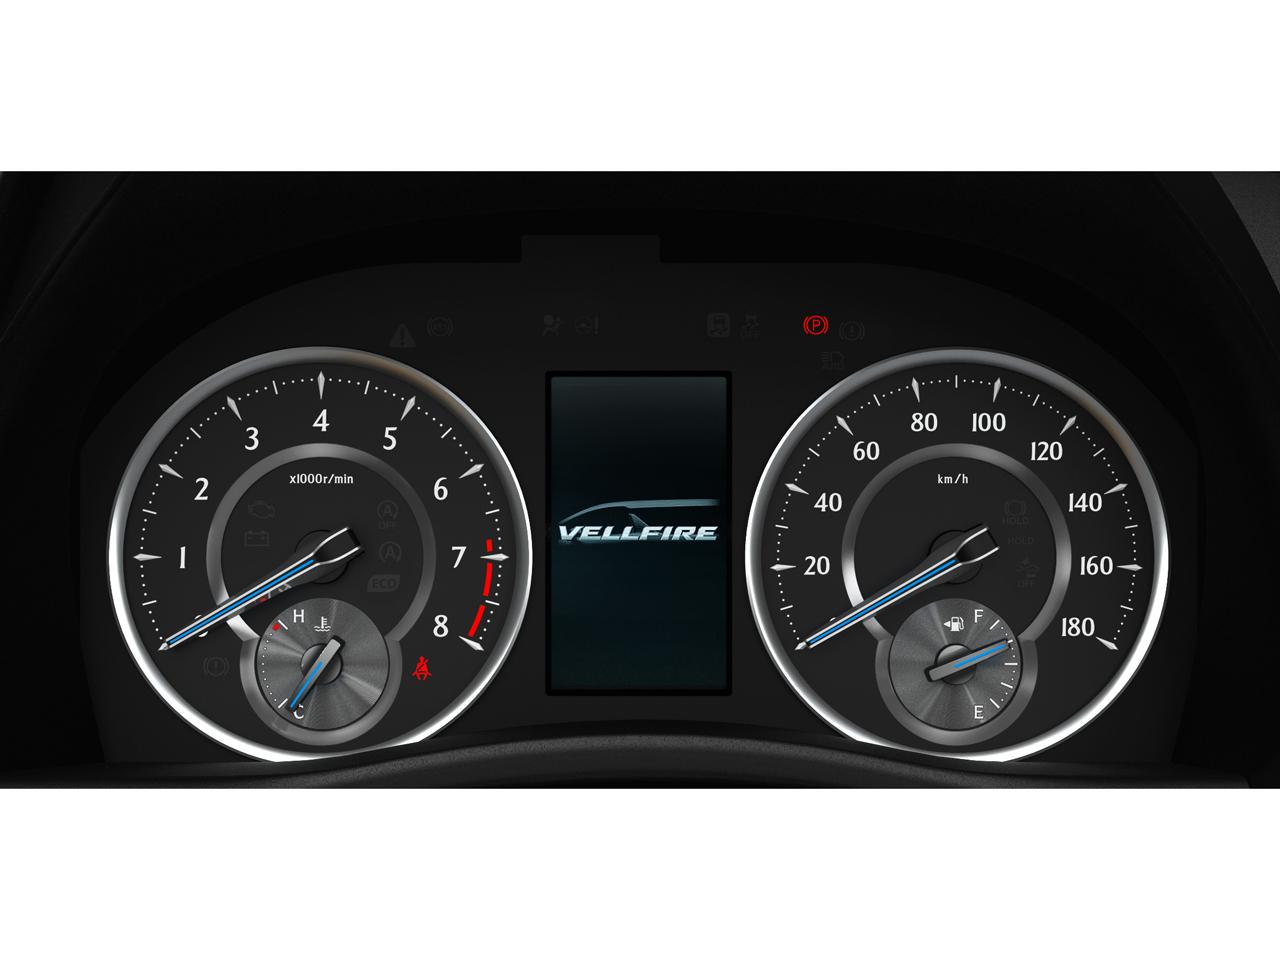 『インテリア2』 ヴェルファイア 2015年モデル の製品画像